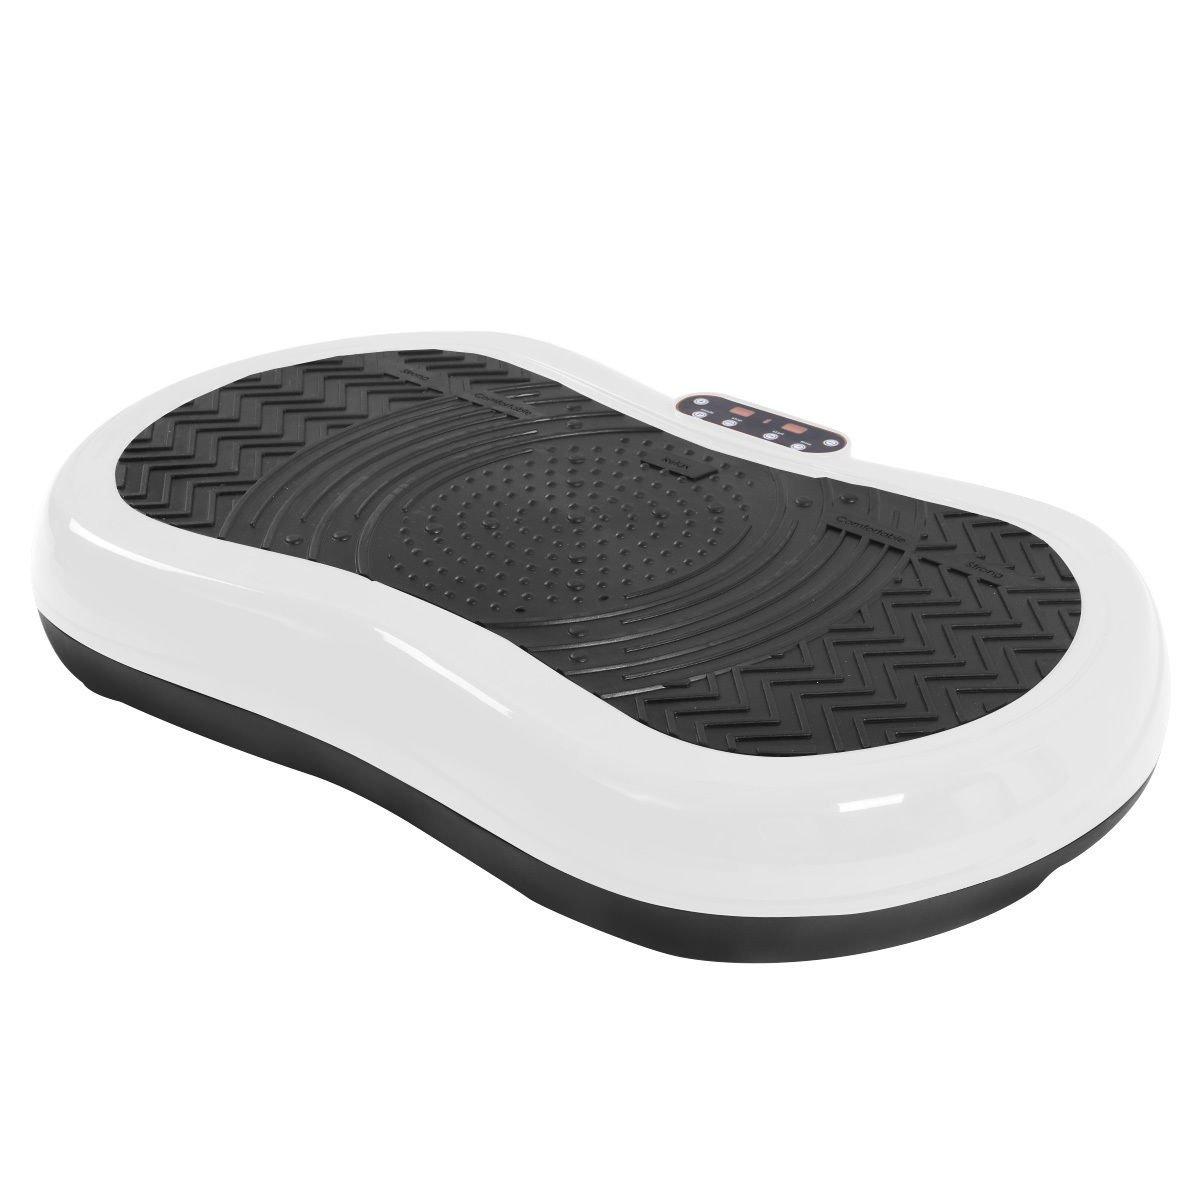 Tangkula Ultrathin Mini Crazy Fit Vibration Platform Massage Machine Fitness Gym (White) by Tangkula (Image #2)